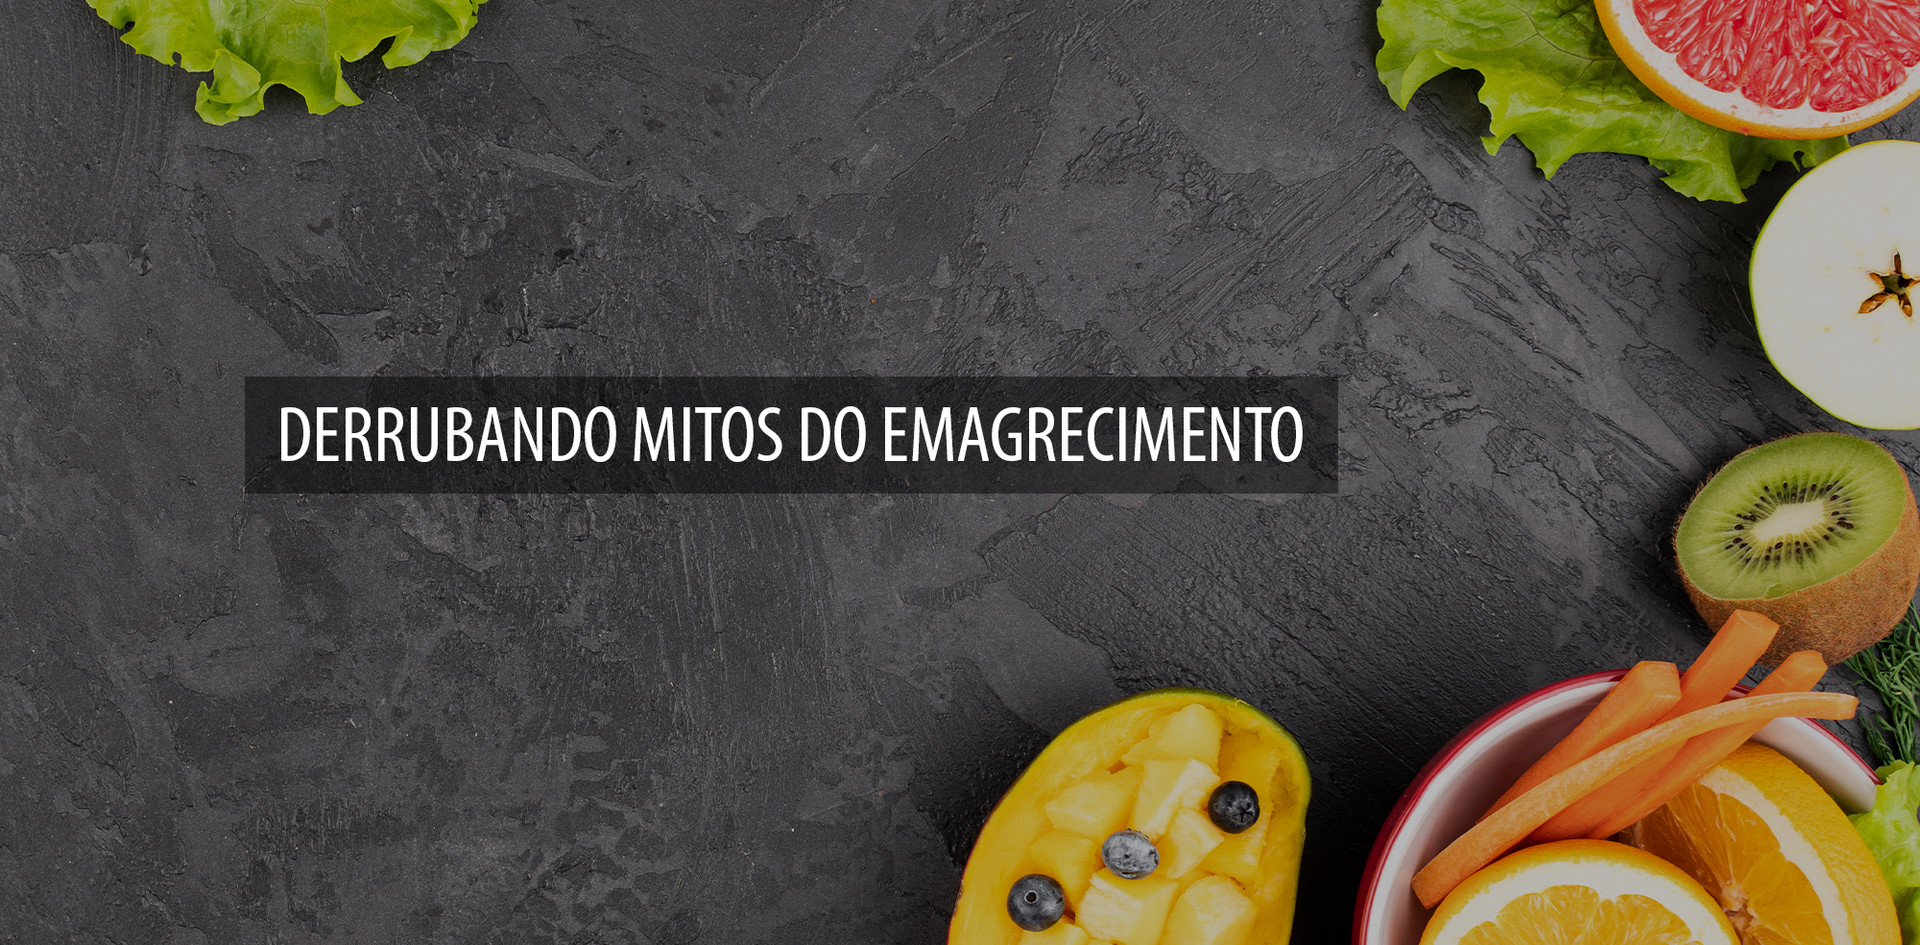 DERRUBANDO MITOS DO EMAGRECIMENTO.jpg